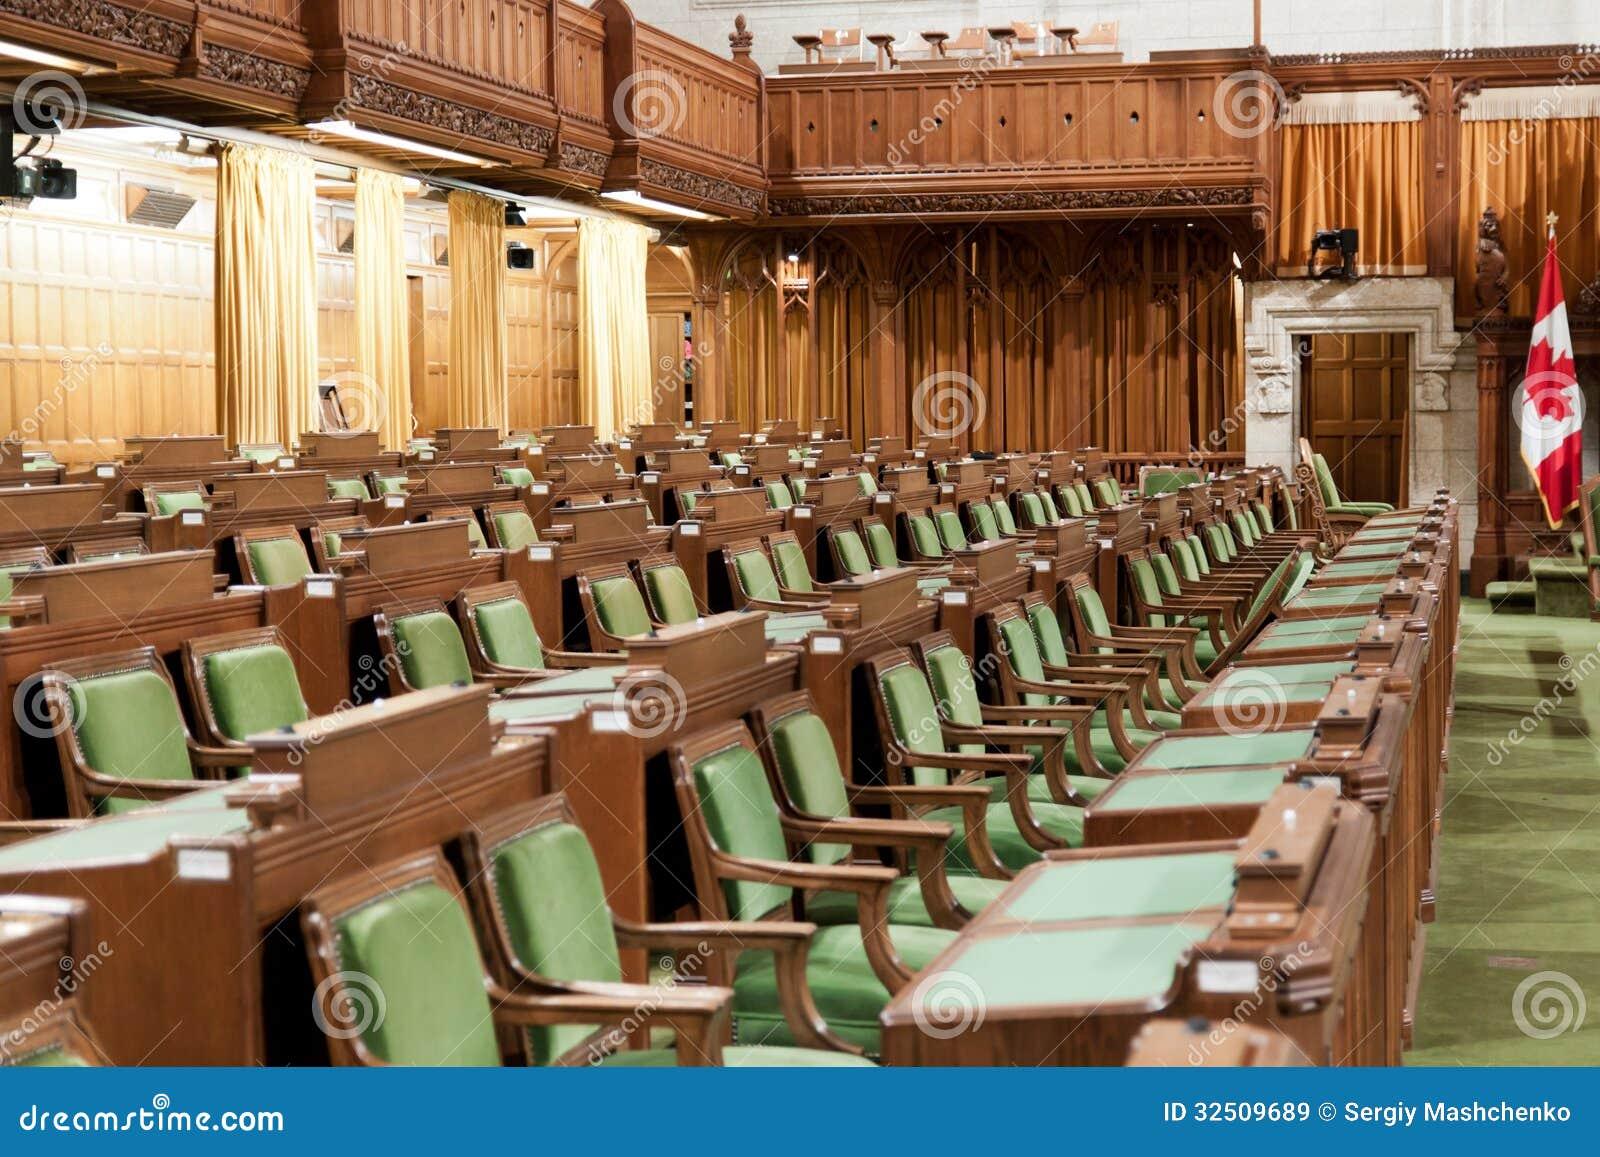 Le parlement canadien la chambre des communes image for Chambre de communes